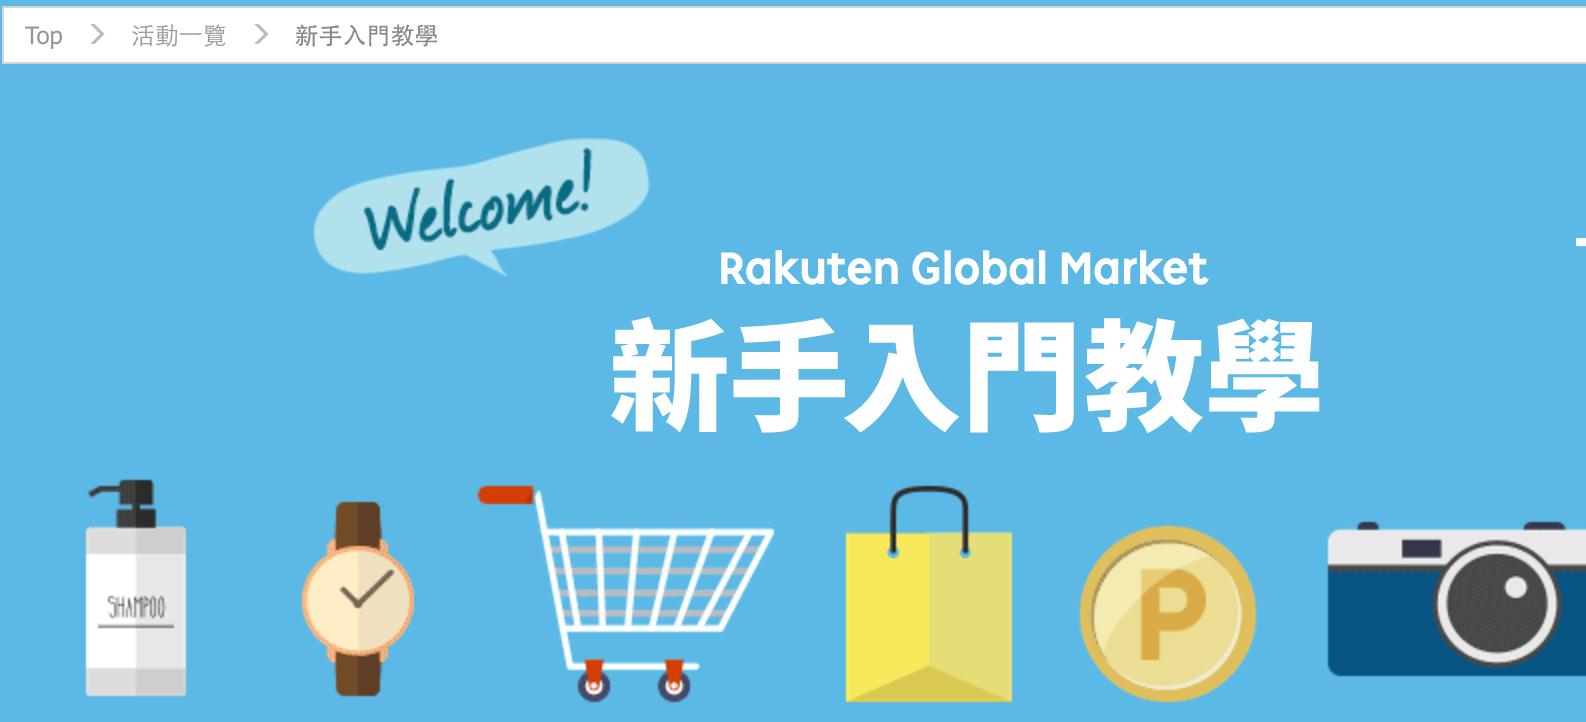 Rakuten Global Market 日本樂天 從註冊到下單教學文!